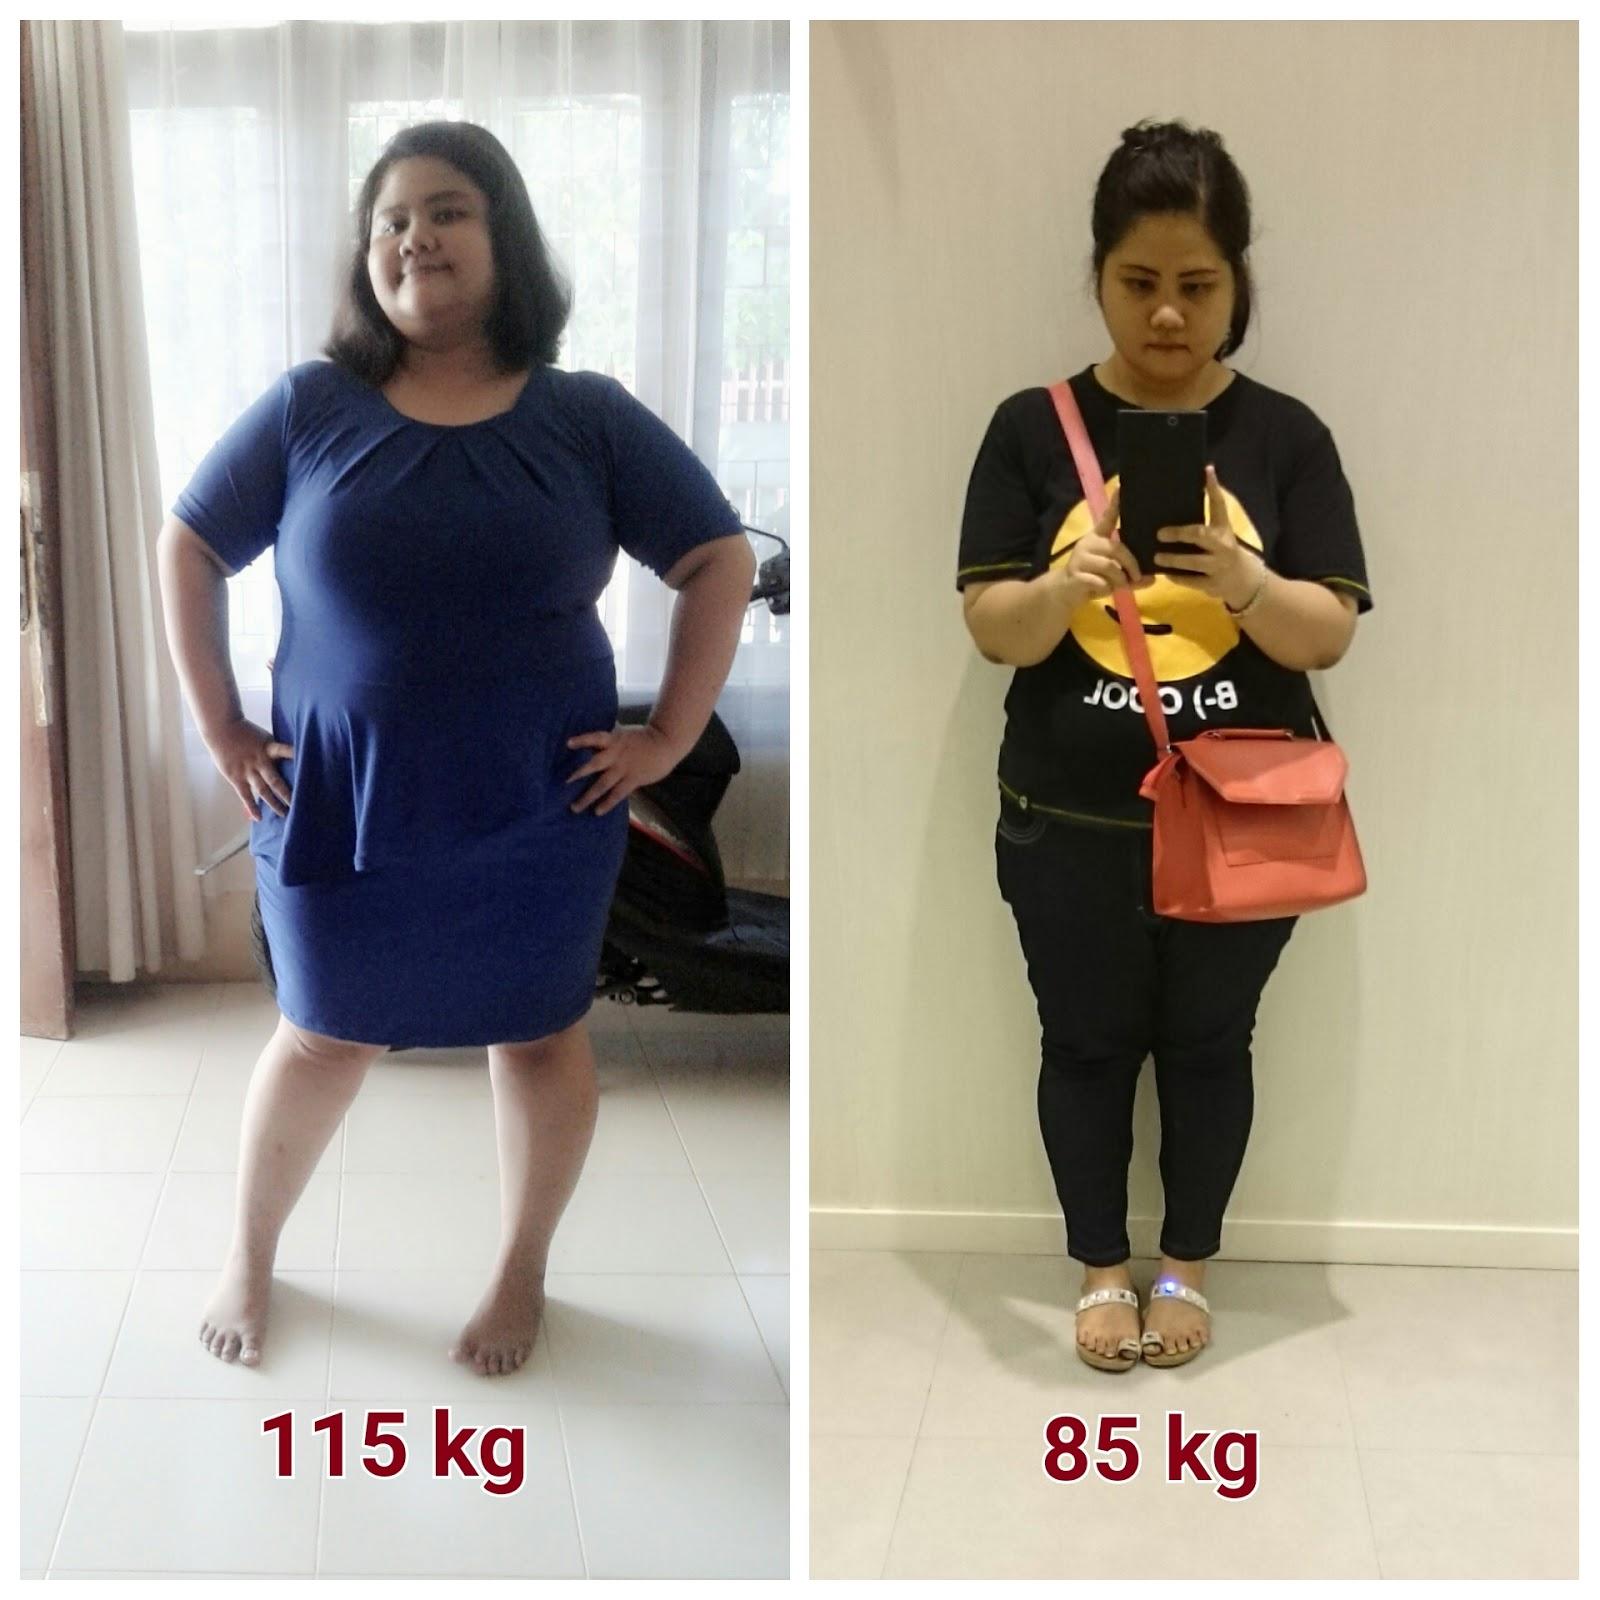 Berat Turun 40 kg Dalam Masa 2 bulan?